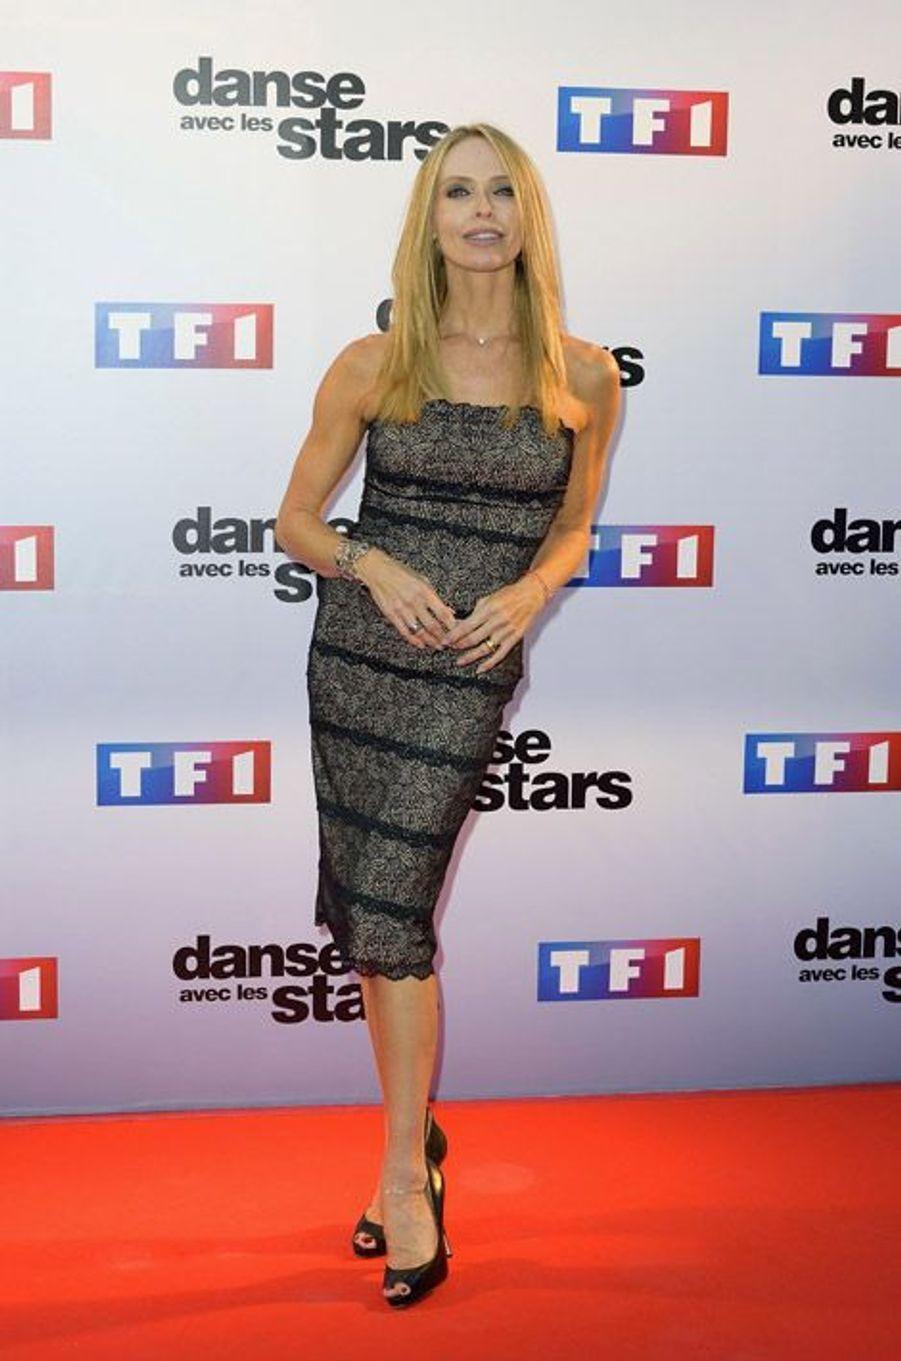 L'actrice Tonya Kinzinger lors de la conférence de presse de Danse avec les stars 5, le 10 septembre 2014 à Paris